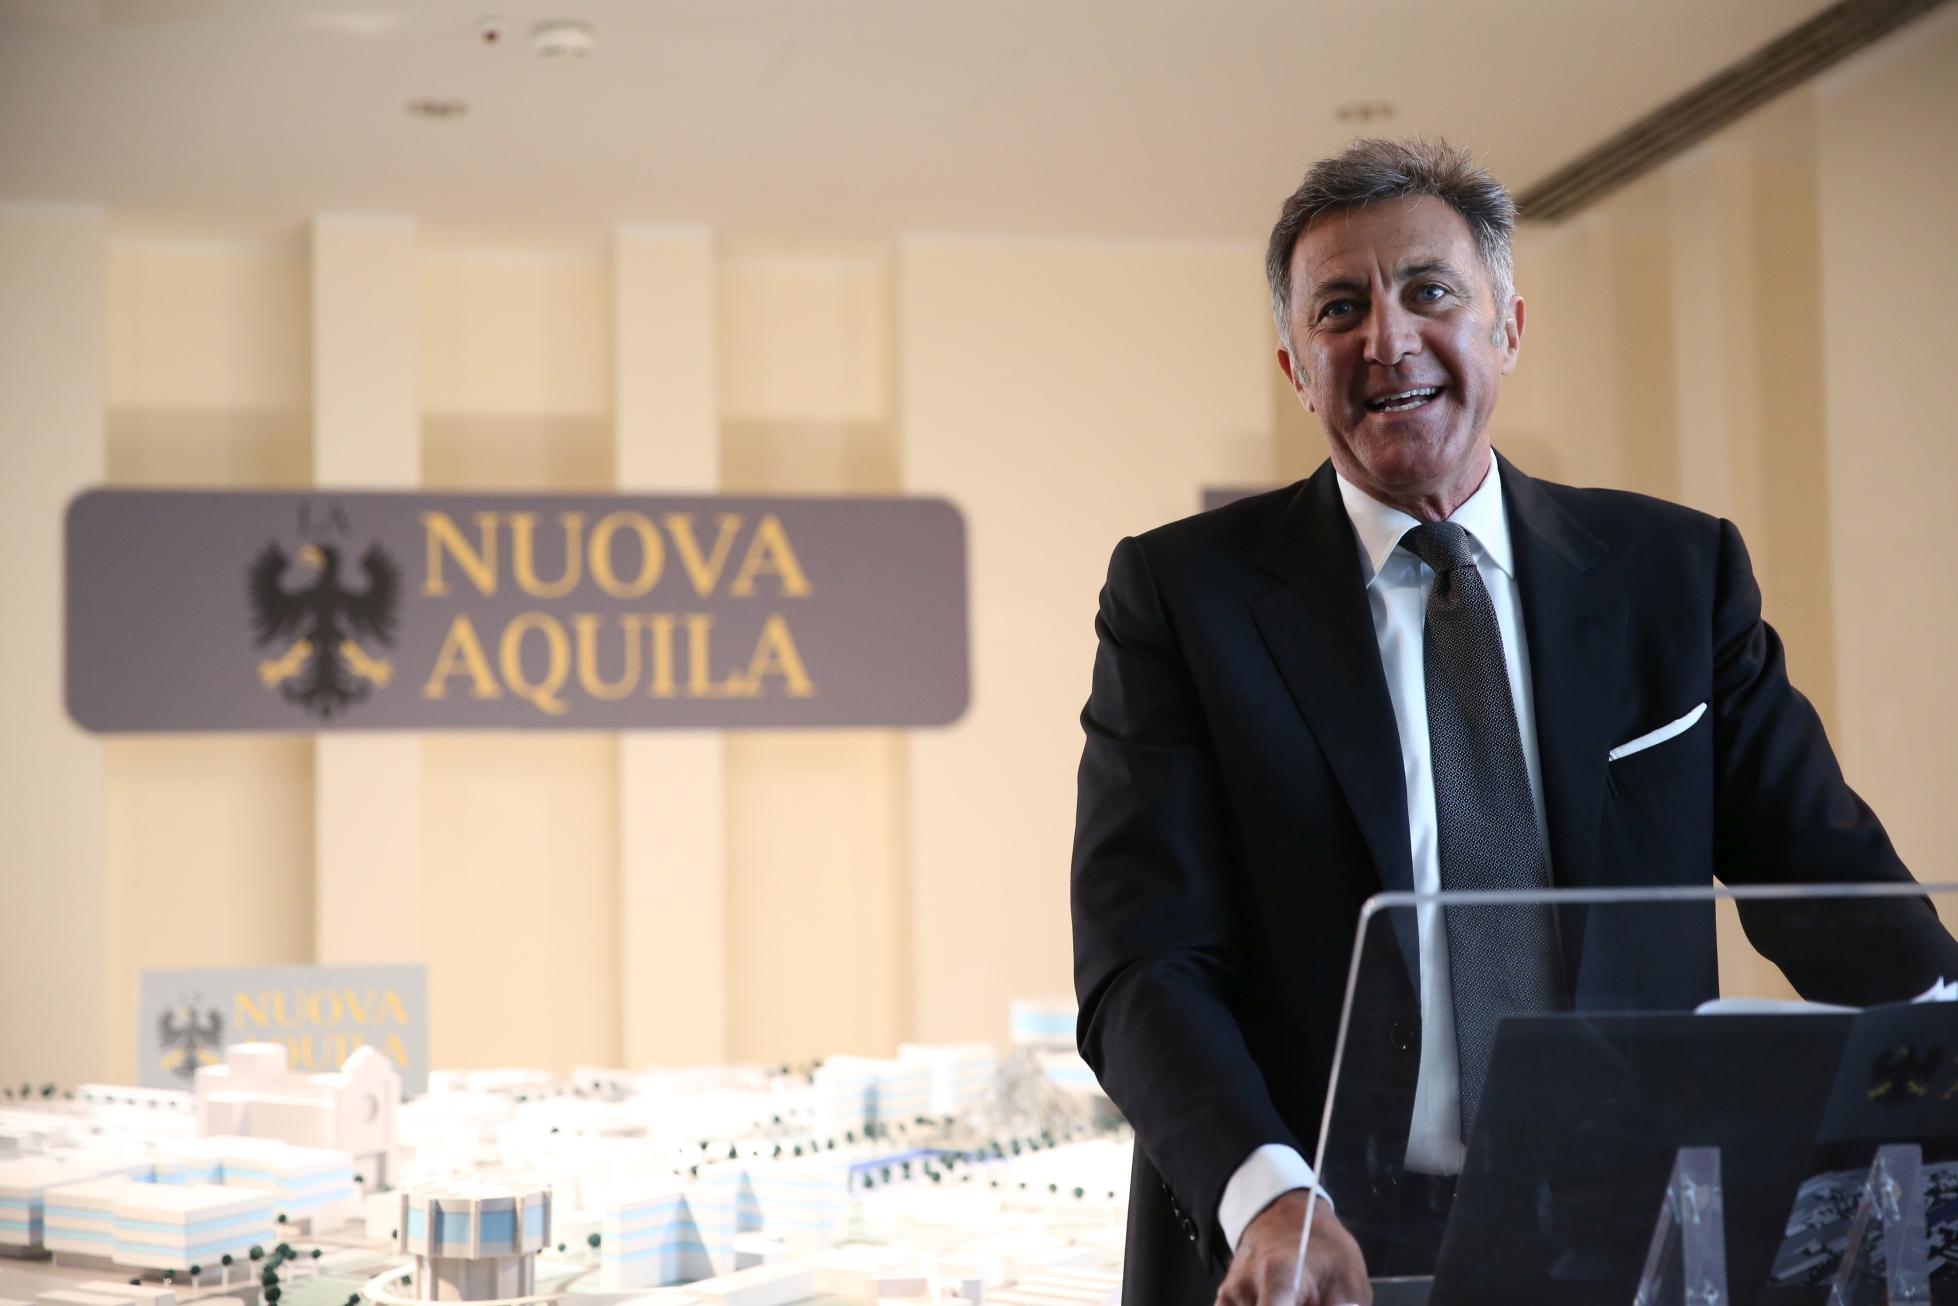 L'Aquila - Grandi Speranze: una scena della fiction con Luca Barbareschi